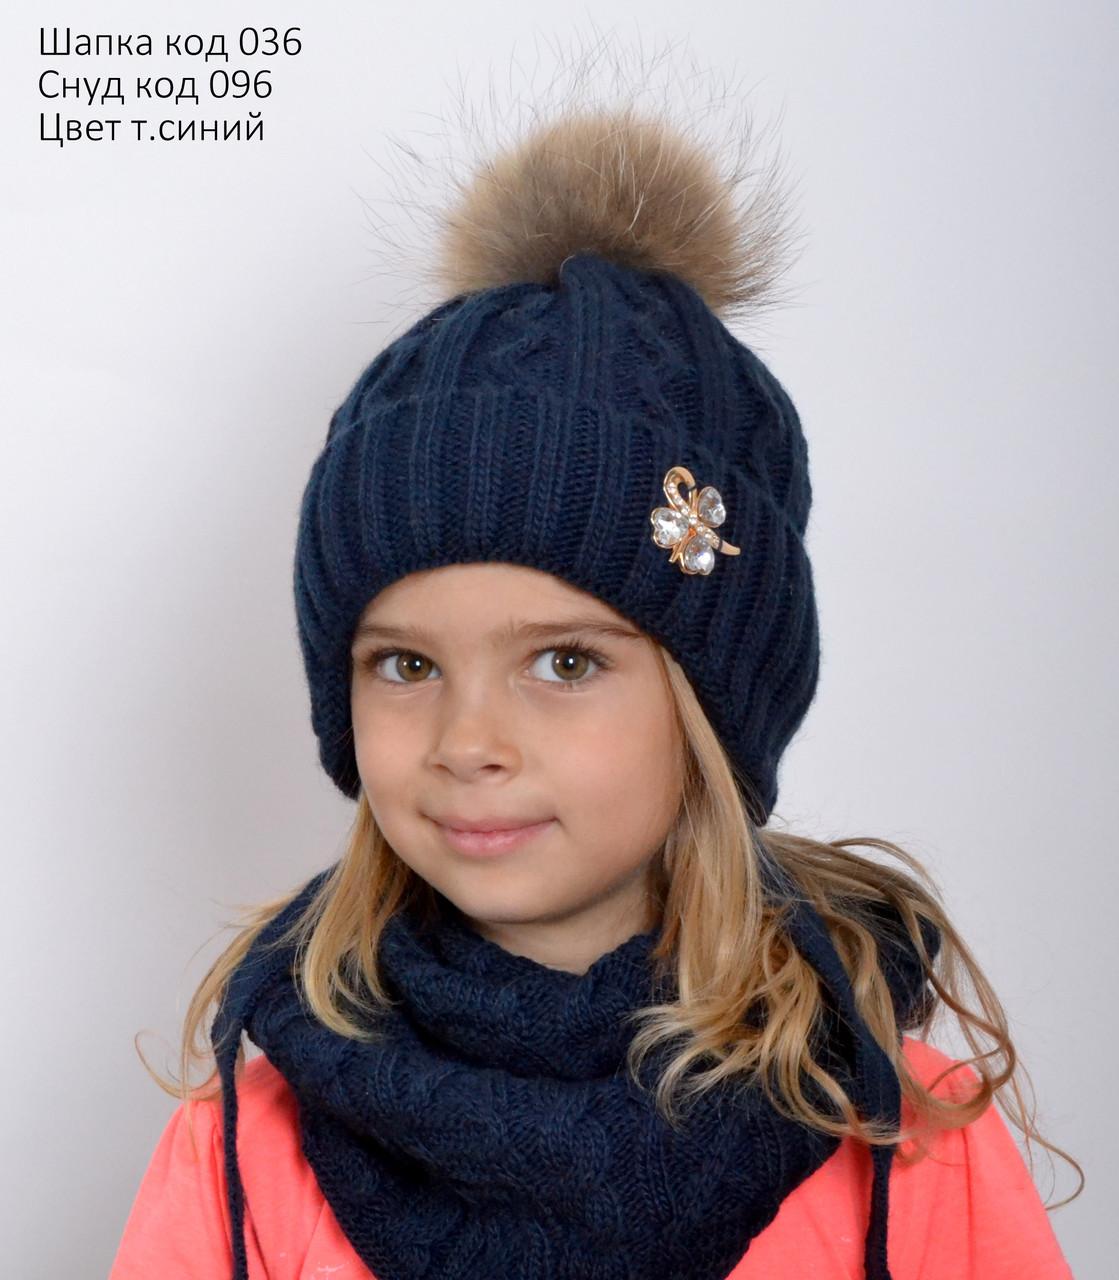 Детская зимняя шапка с натуральным меховым помпоном для девочки